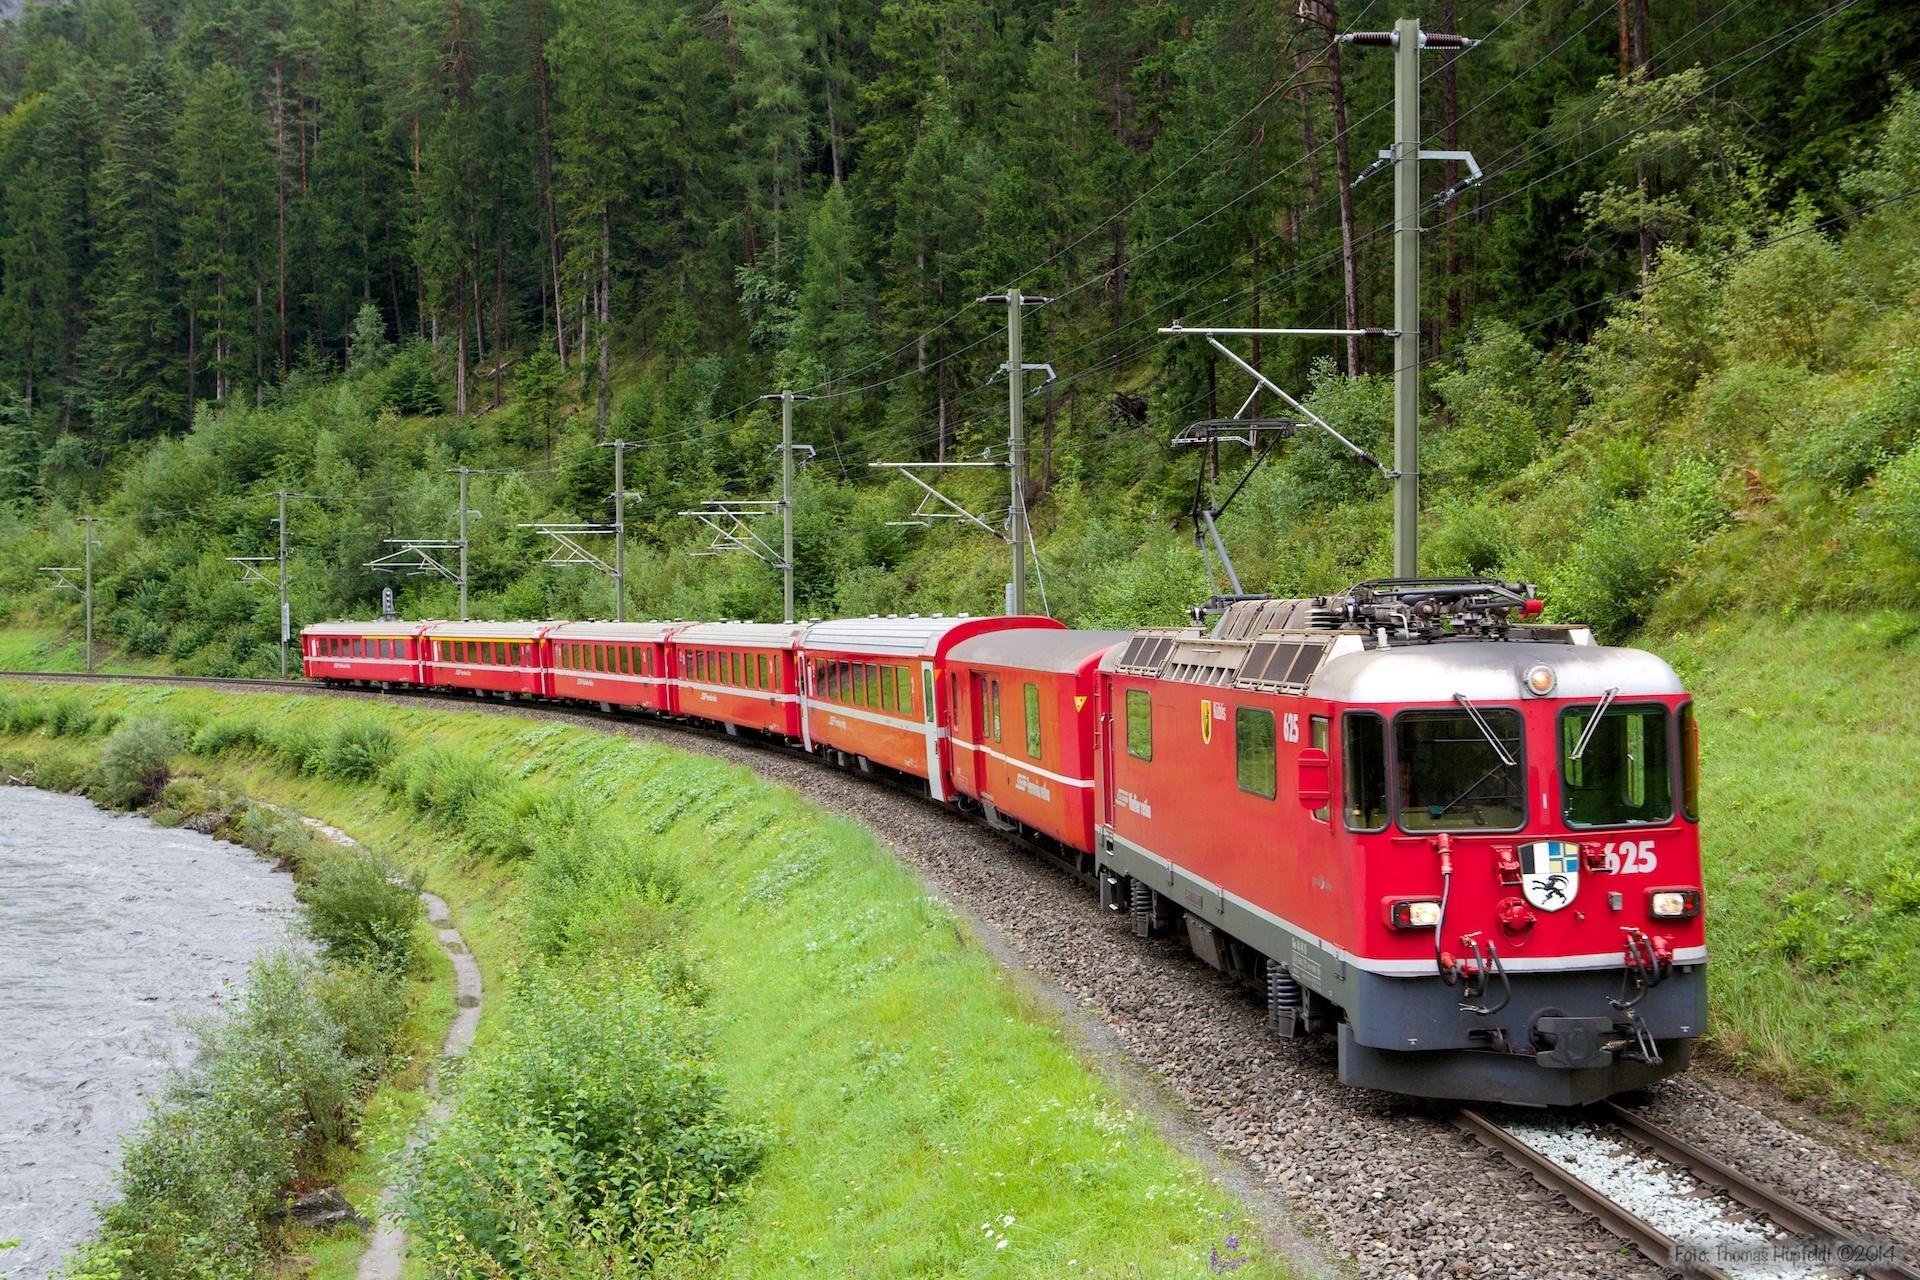 RhB Ge 4/4 II 625 med 6 vogne som 1236 (Landquart-Diesentid) mellem Versam-Safien og Trin - 13.08.2014